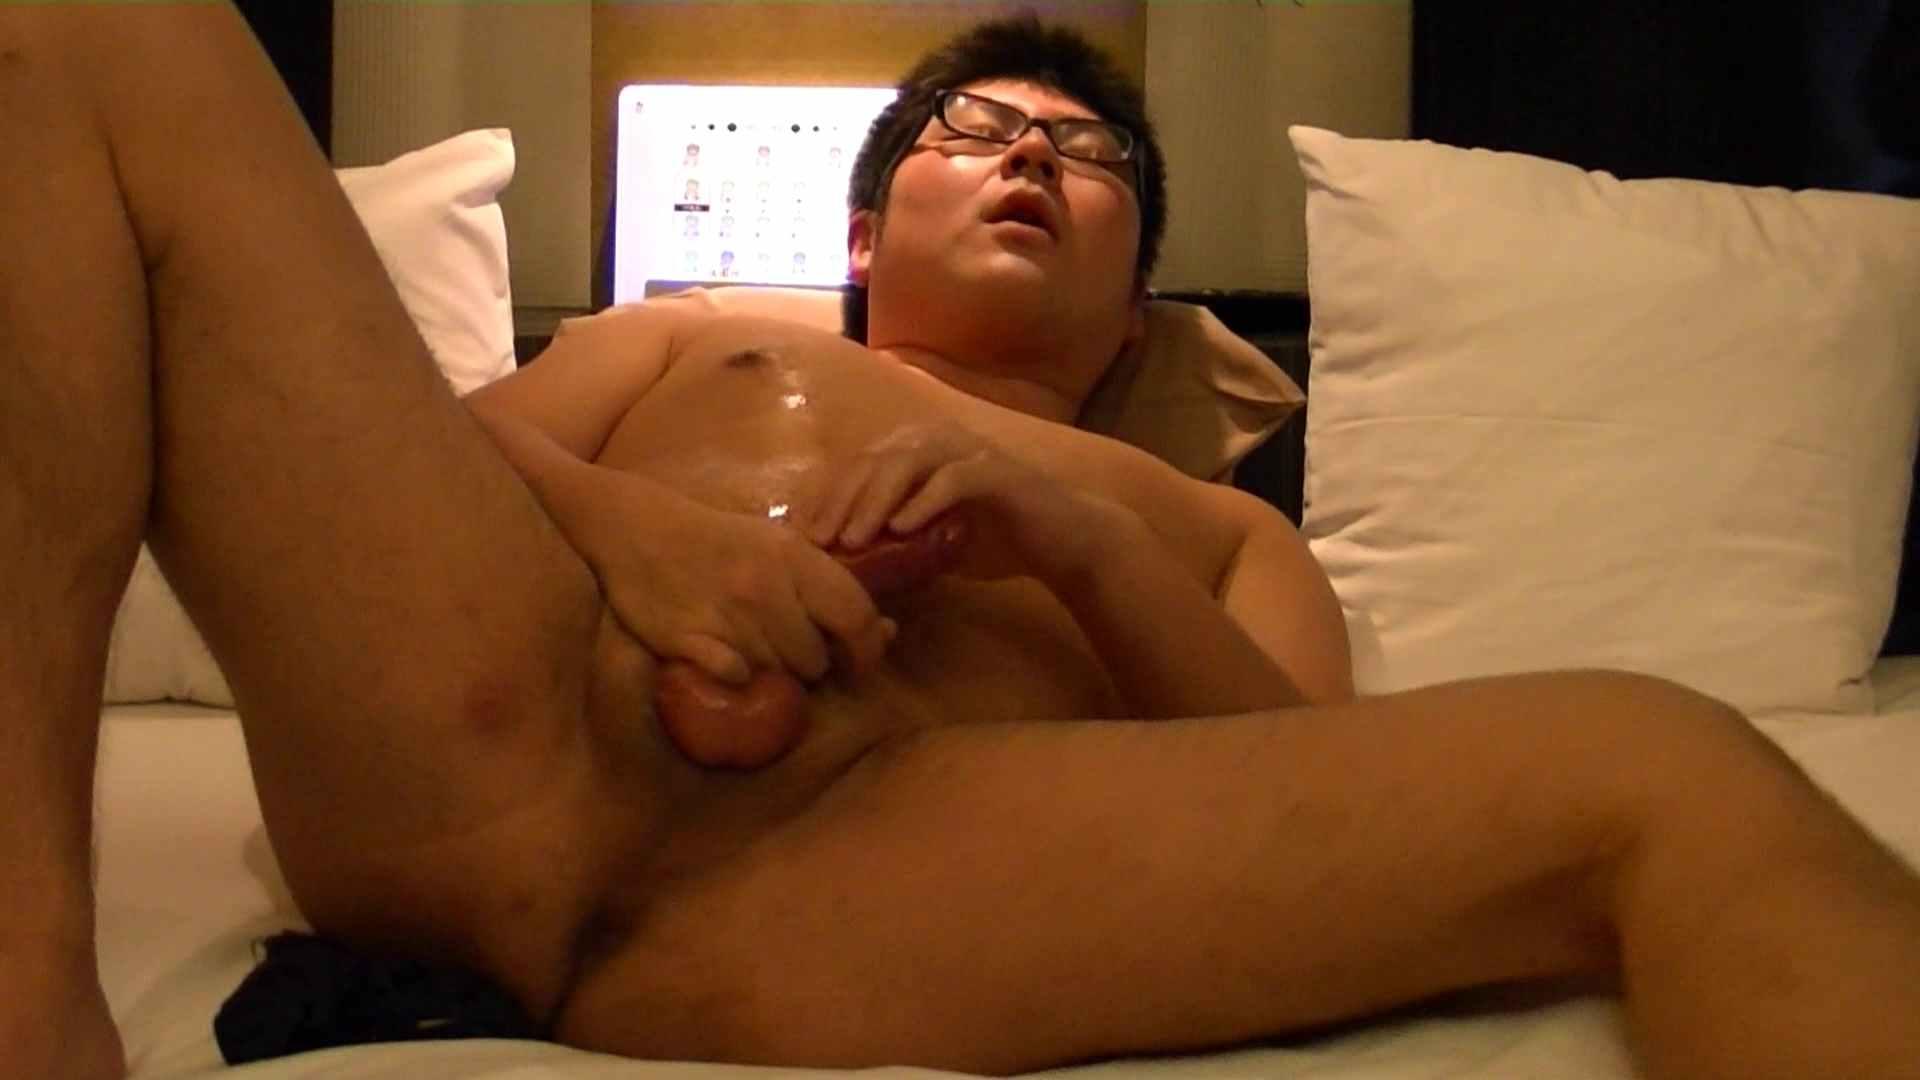 Mr.オナックスさん投稿!HD 貴方のオナニー三万円で撮影させてください。VOL.03 後編 エッチシーン ゲイフリーエロ画像 106枚 77